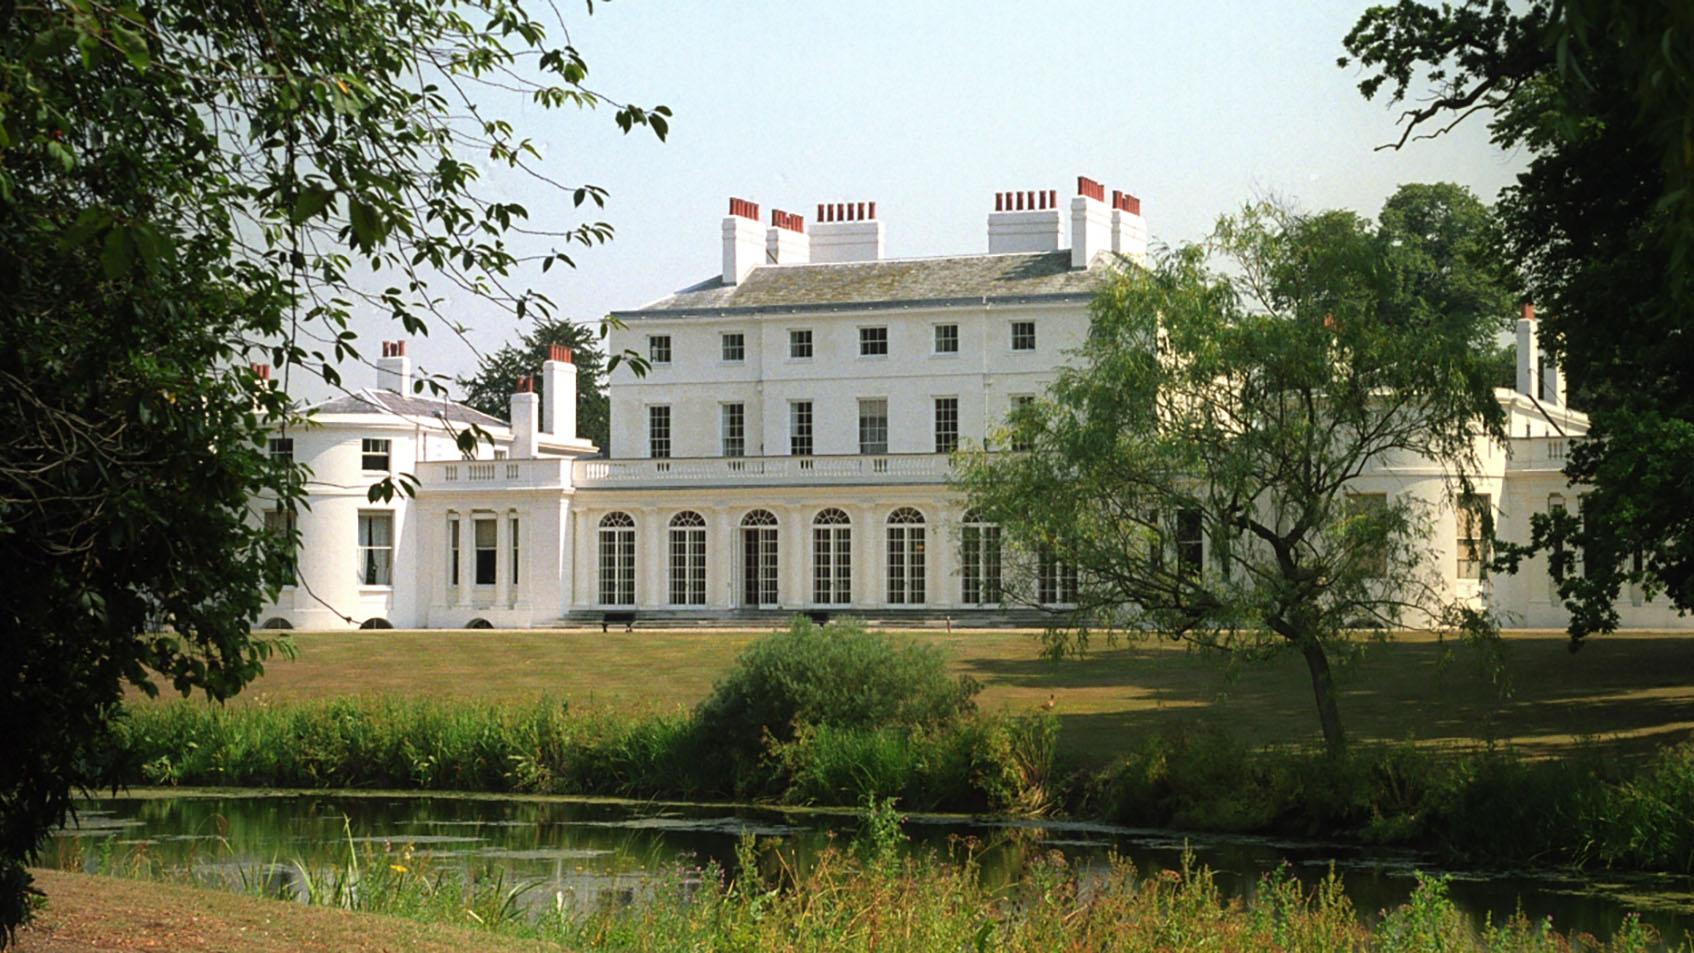 Frogmore Cottage, la casa de campo de la realeza británica elegida por el Príncipe Harry y Meghan Markle para vivir (Royal Collection)